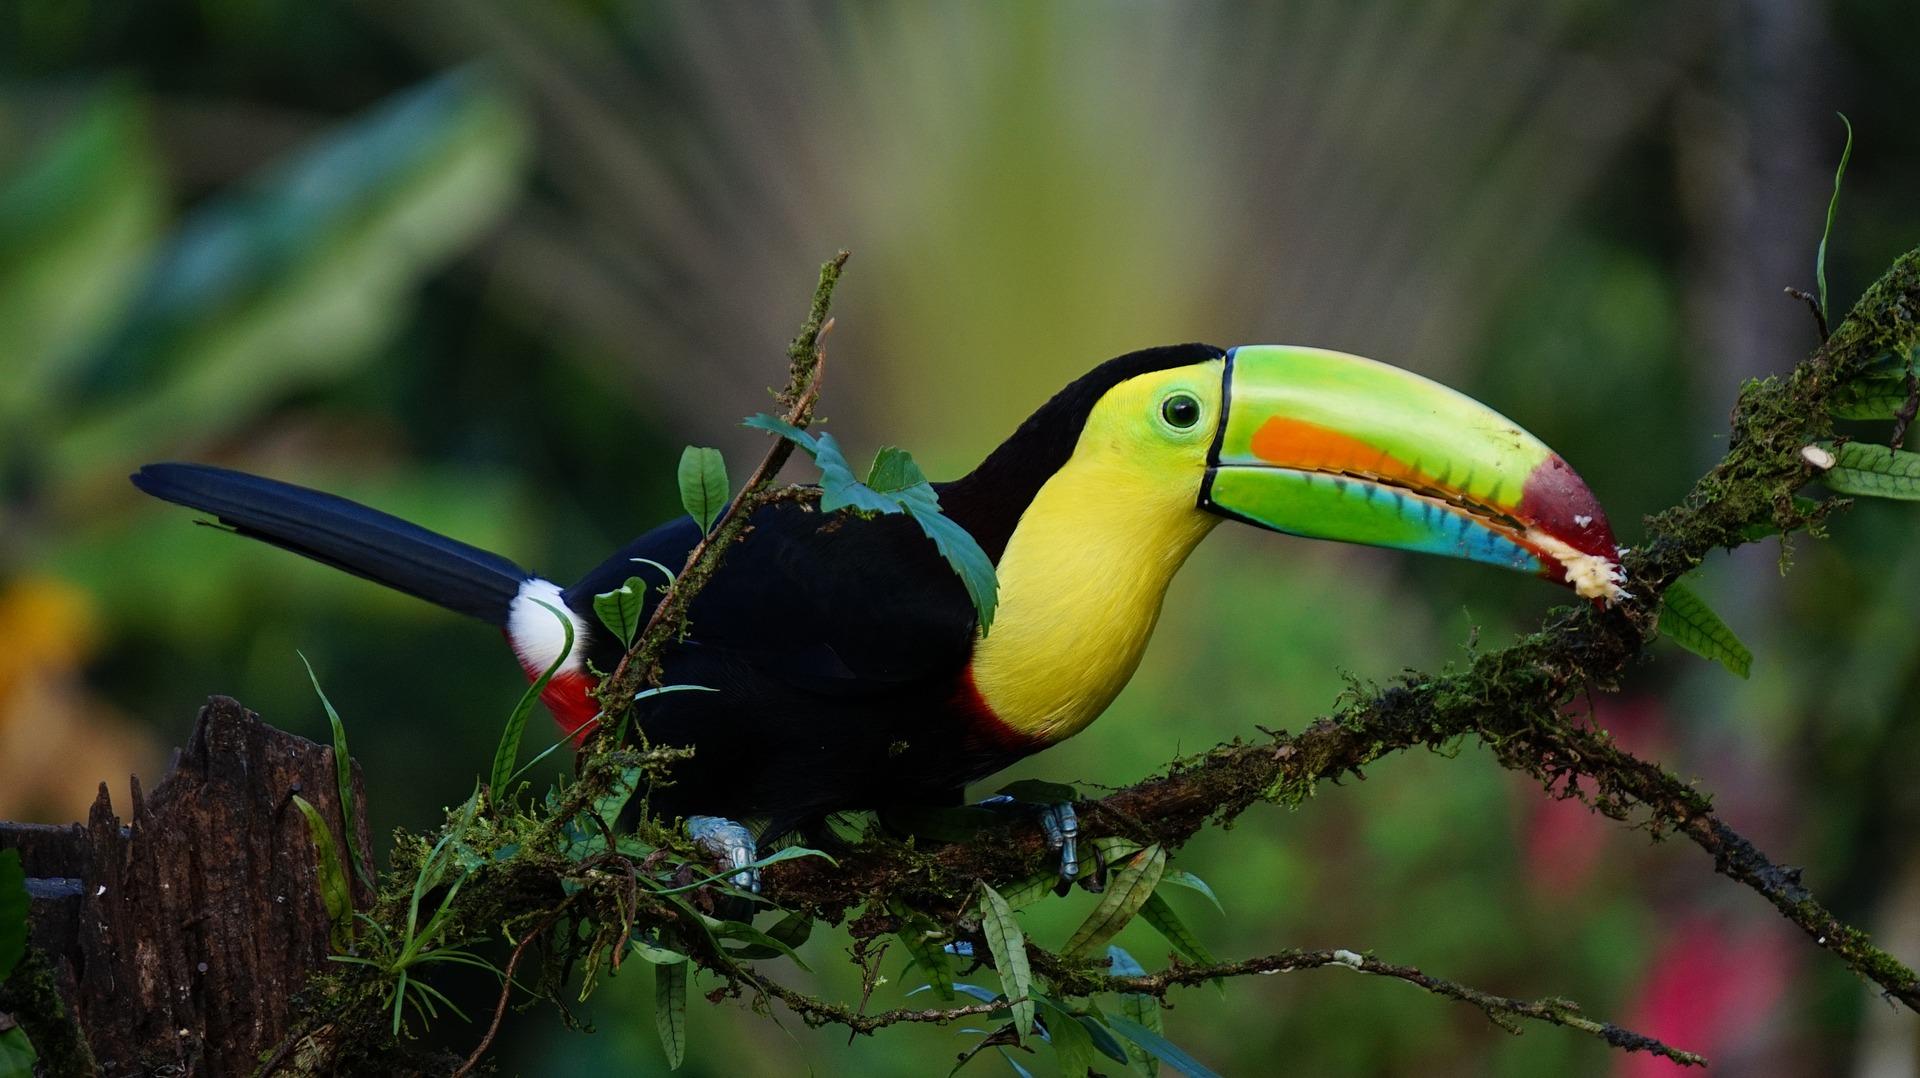 Sprachreise Costa Rica: Empfehlungen & Vergleich (11/20)